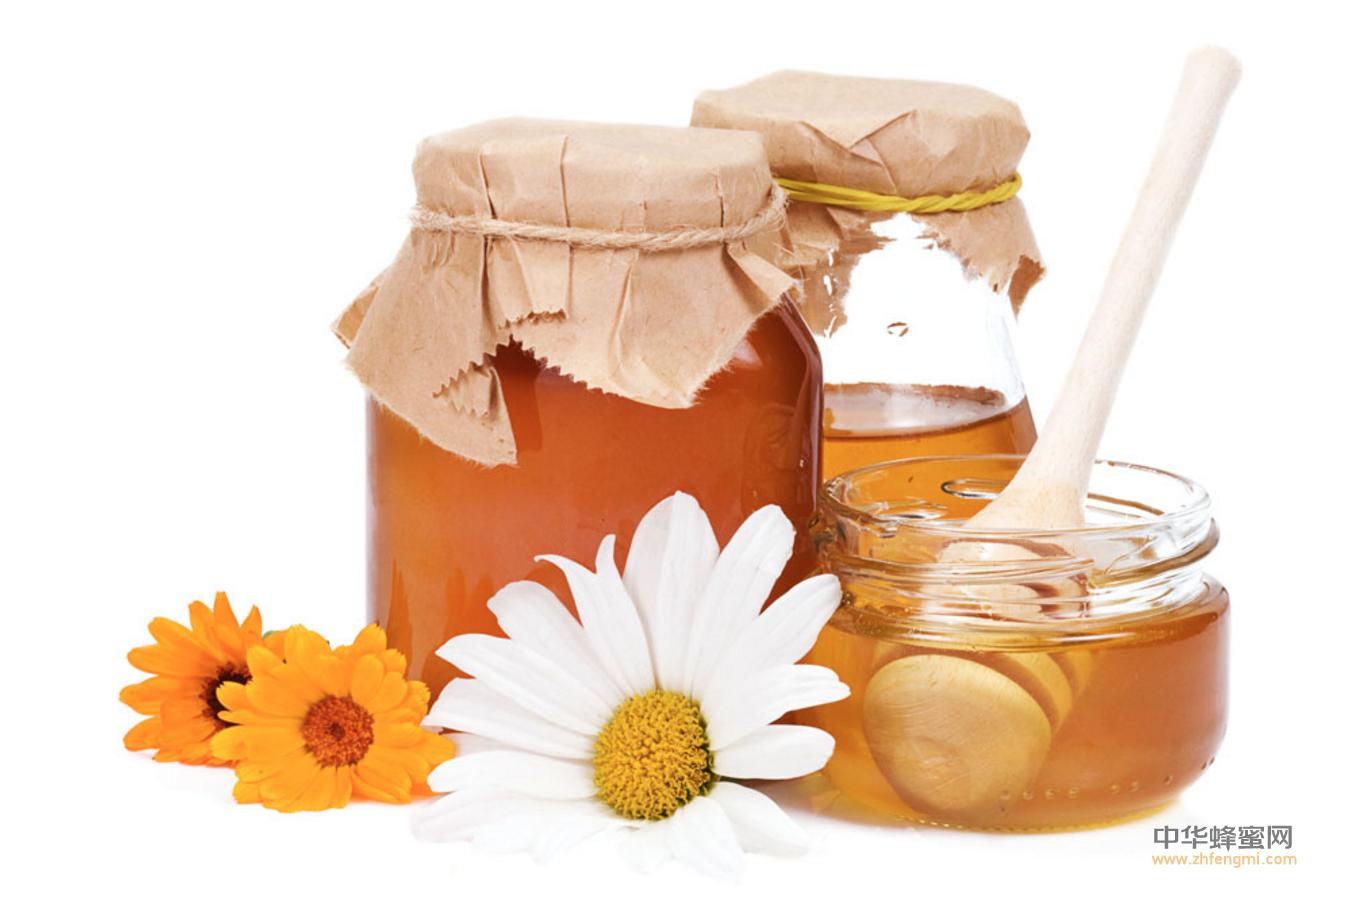 蜂蜜 fengmi 作用 功效 蜂蜜怎么吃最好